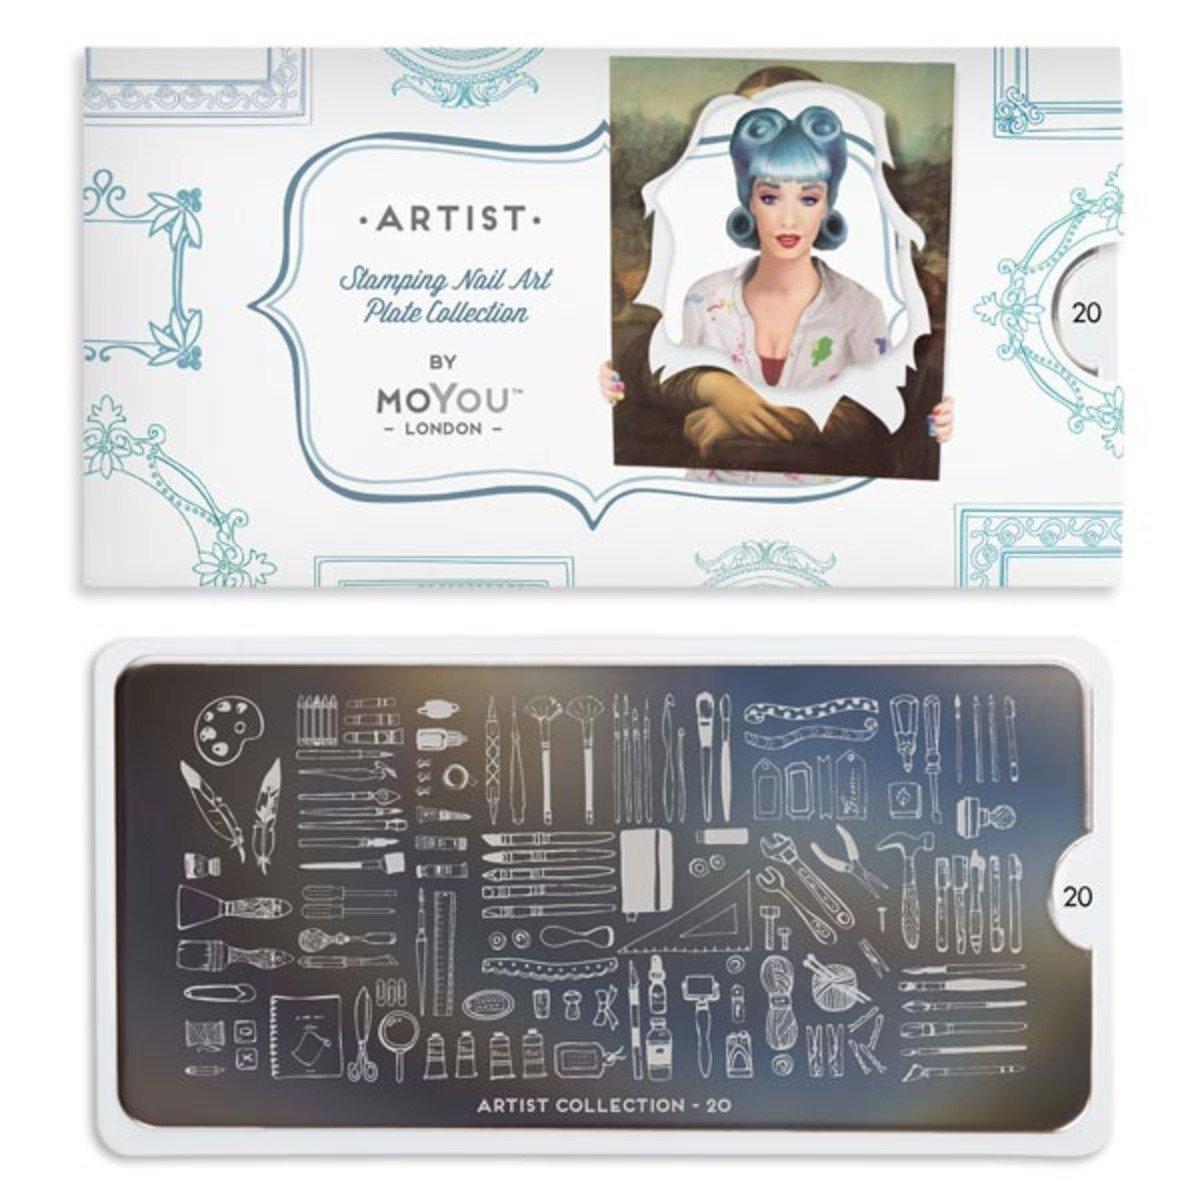 印花板 - 藝術家系列 20